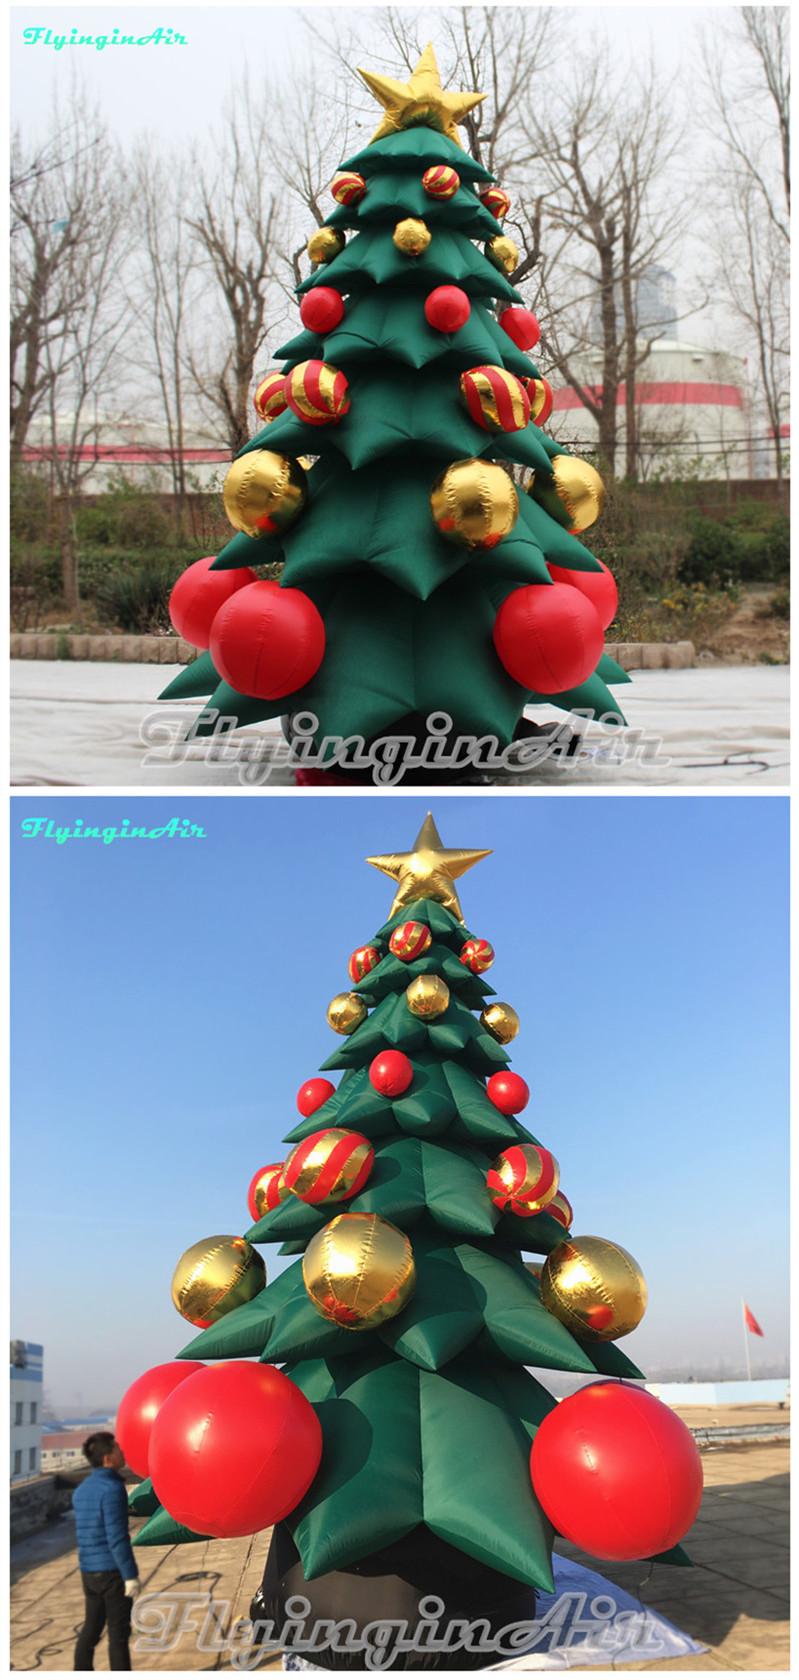 inflatable christmas tree 20_